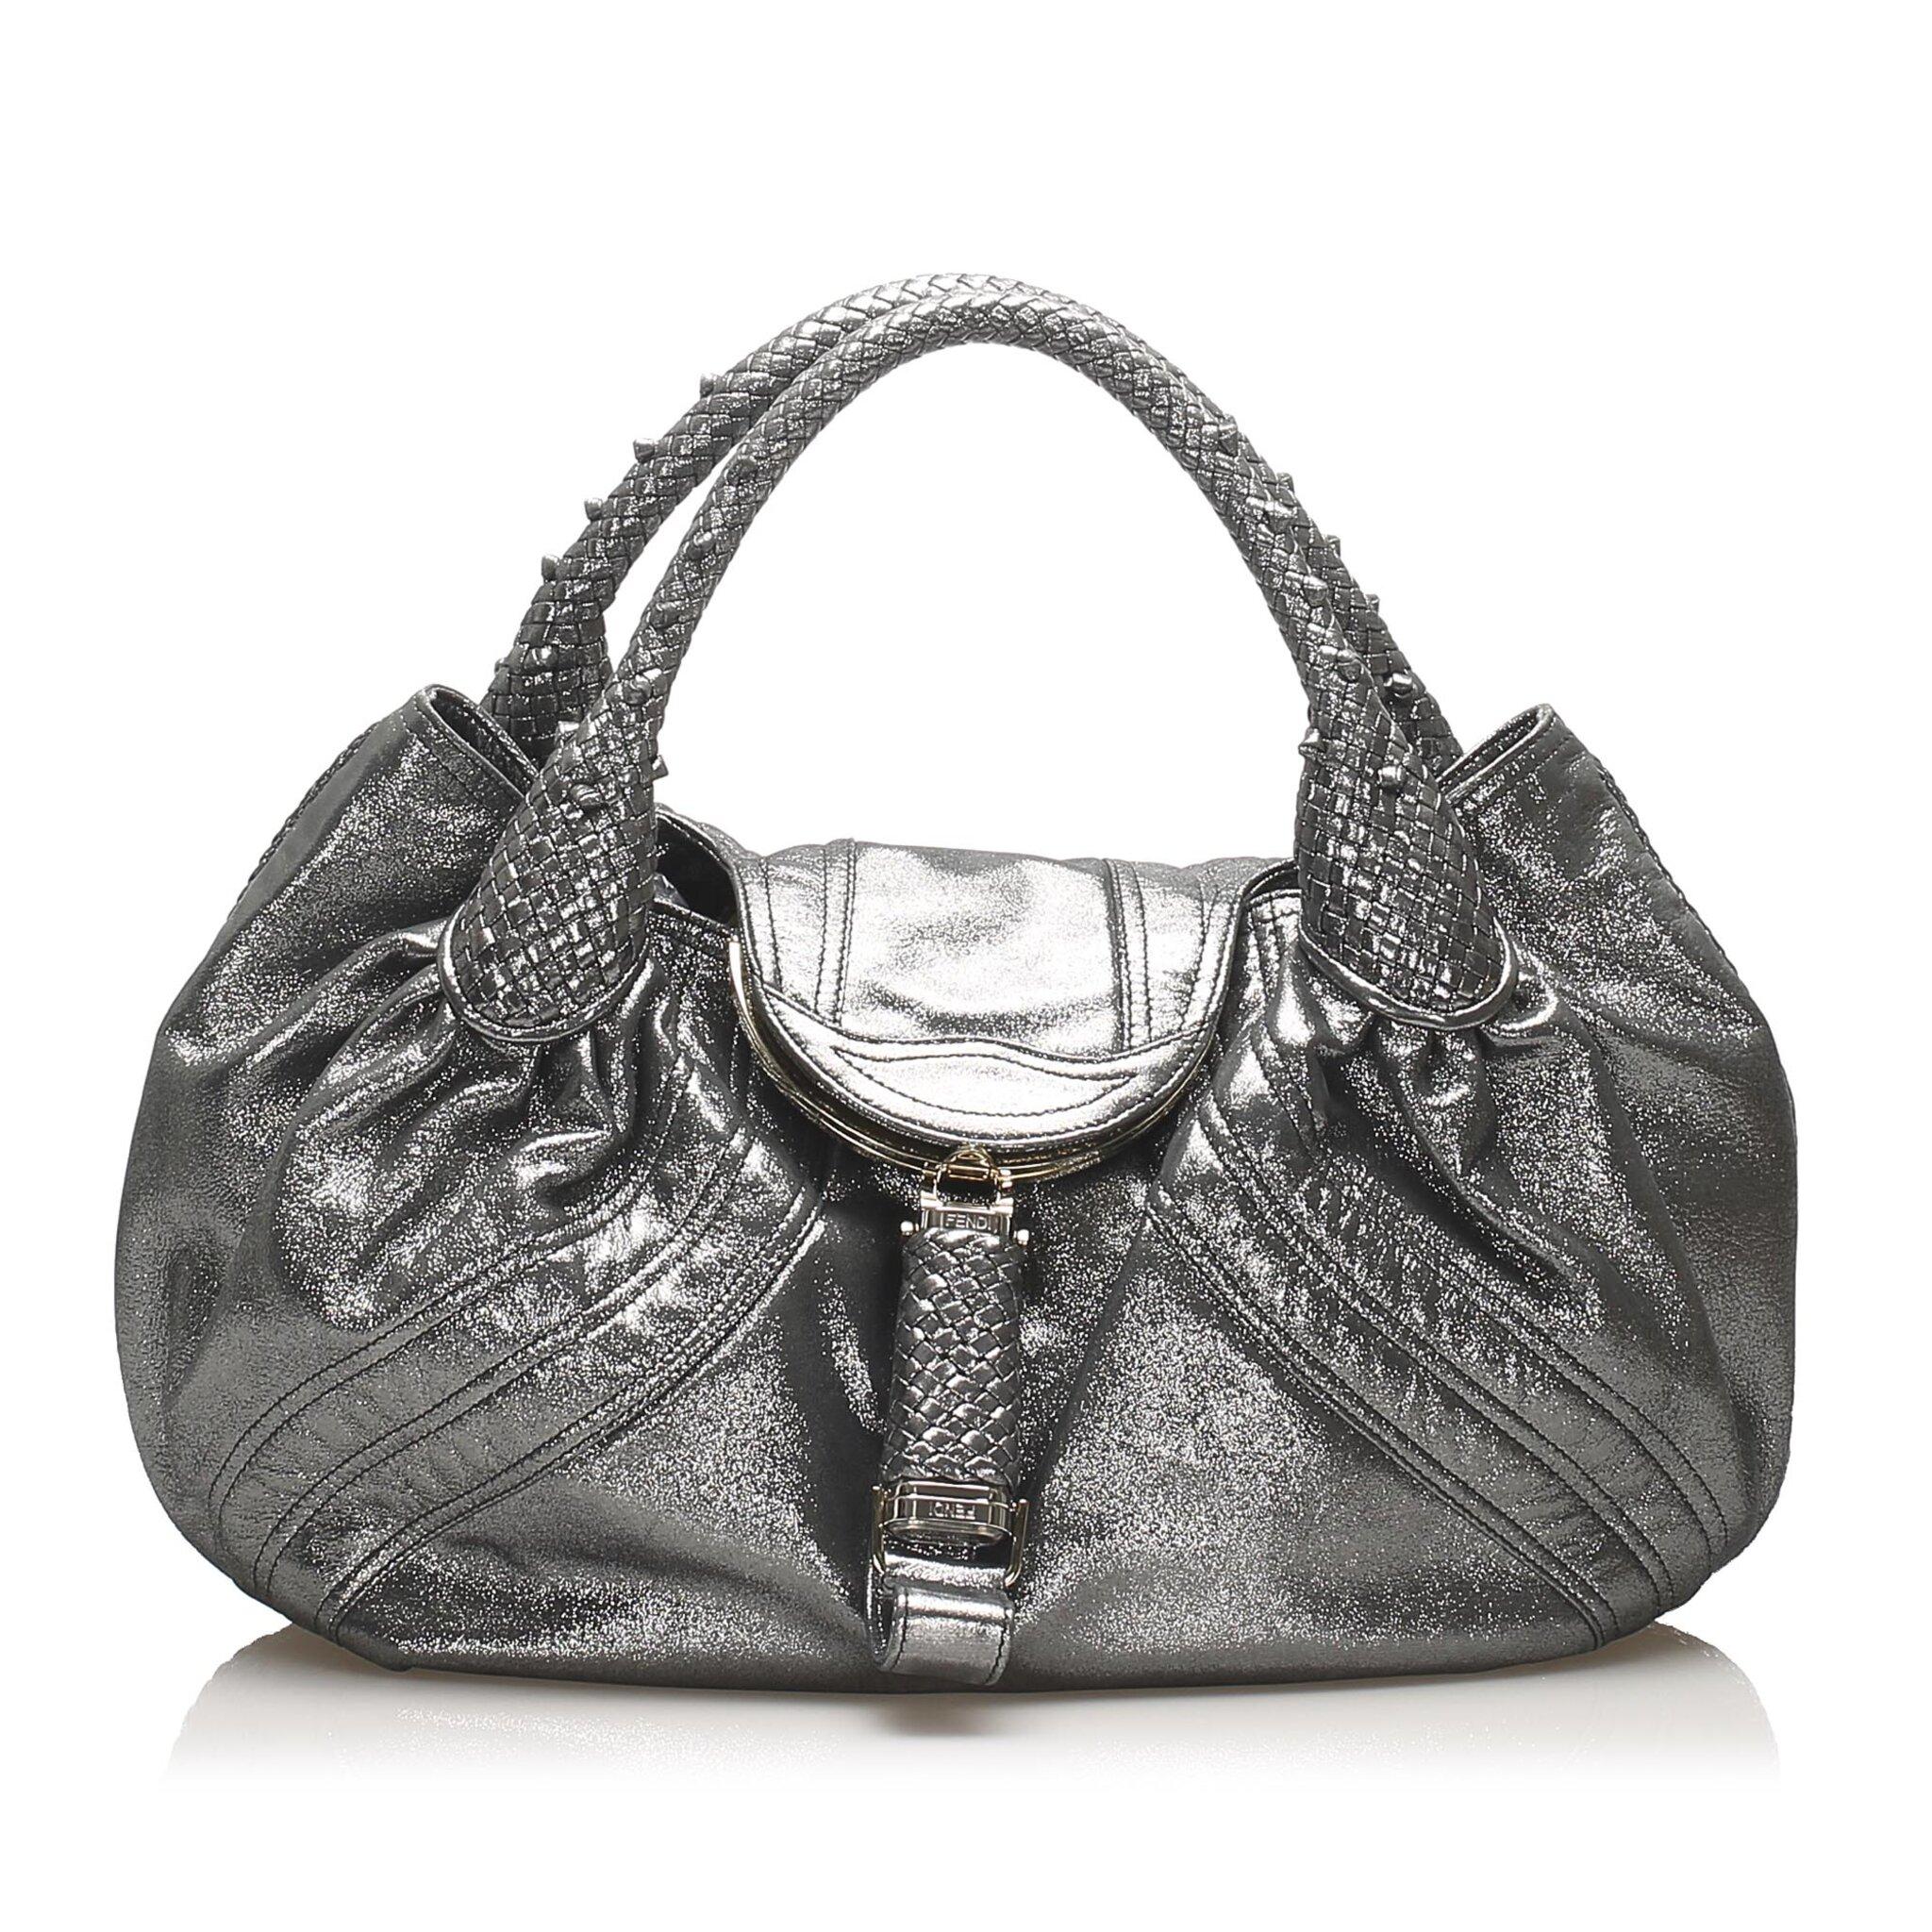 Fendi Spy Leather Shoulder Bag